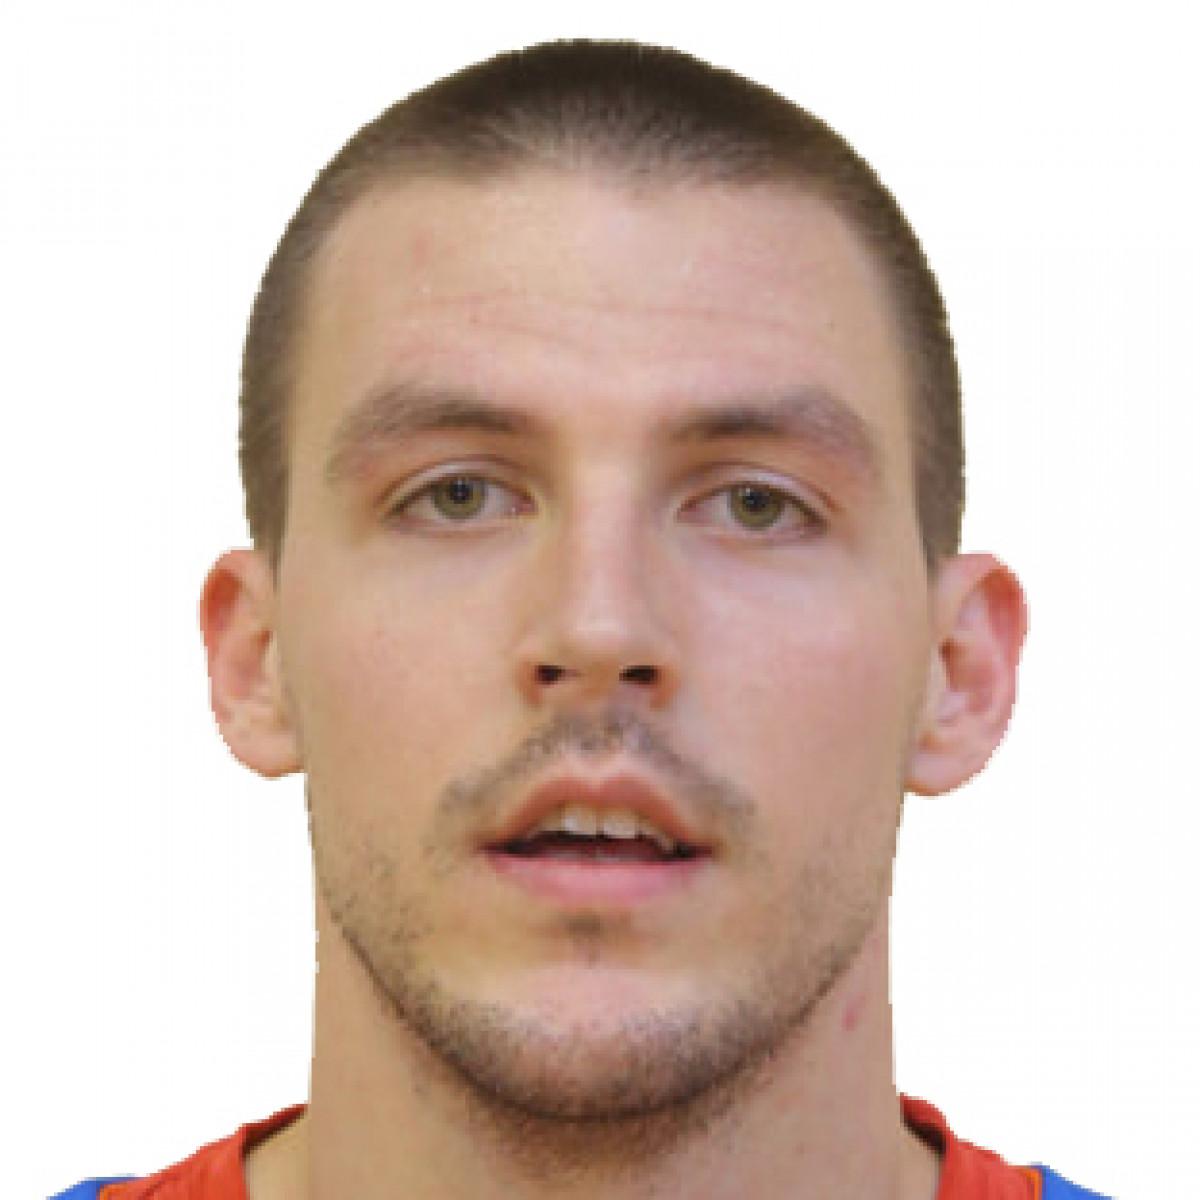 Bosko Corbic